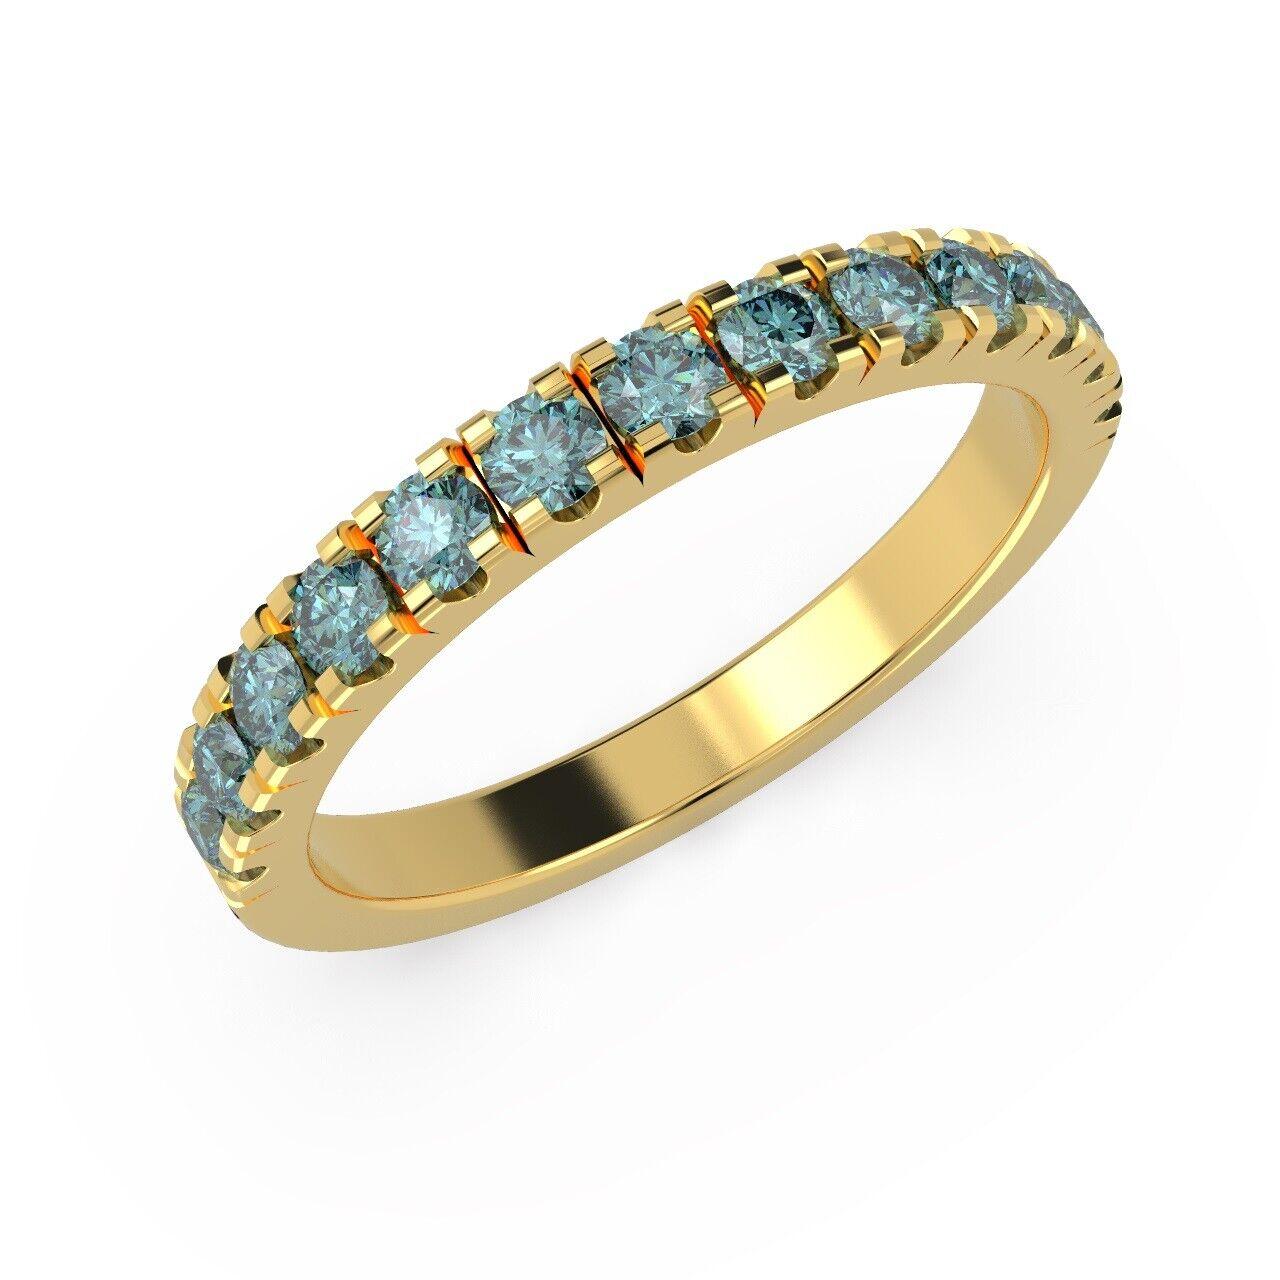 064e6654e5a31 Set Pave Micro Diamond bluee 0.50 Half Carat gold Yellow 18k Ring ...